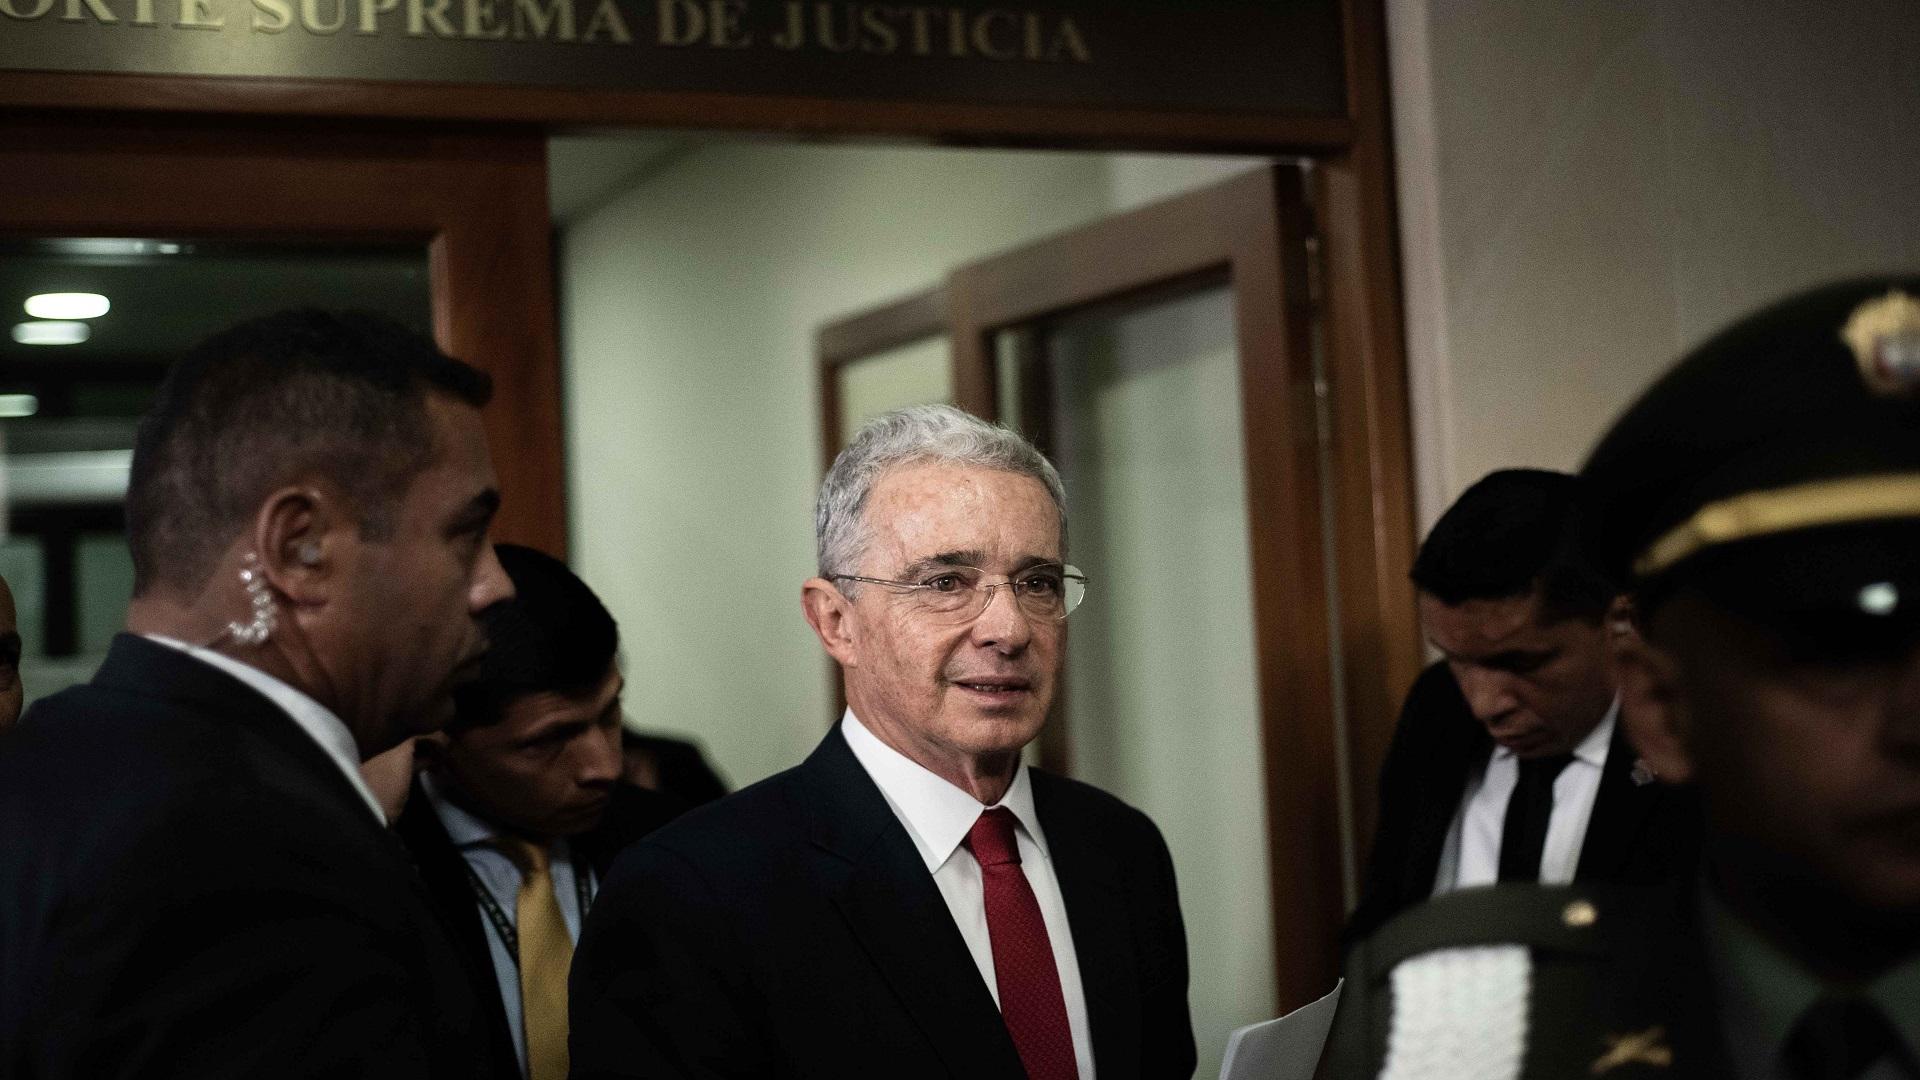 Llegada del expresidente colombiano a la Corte Suprema de Justicia. Foto de EFE